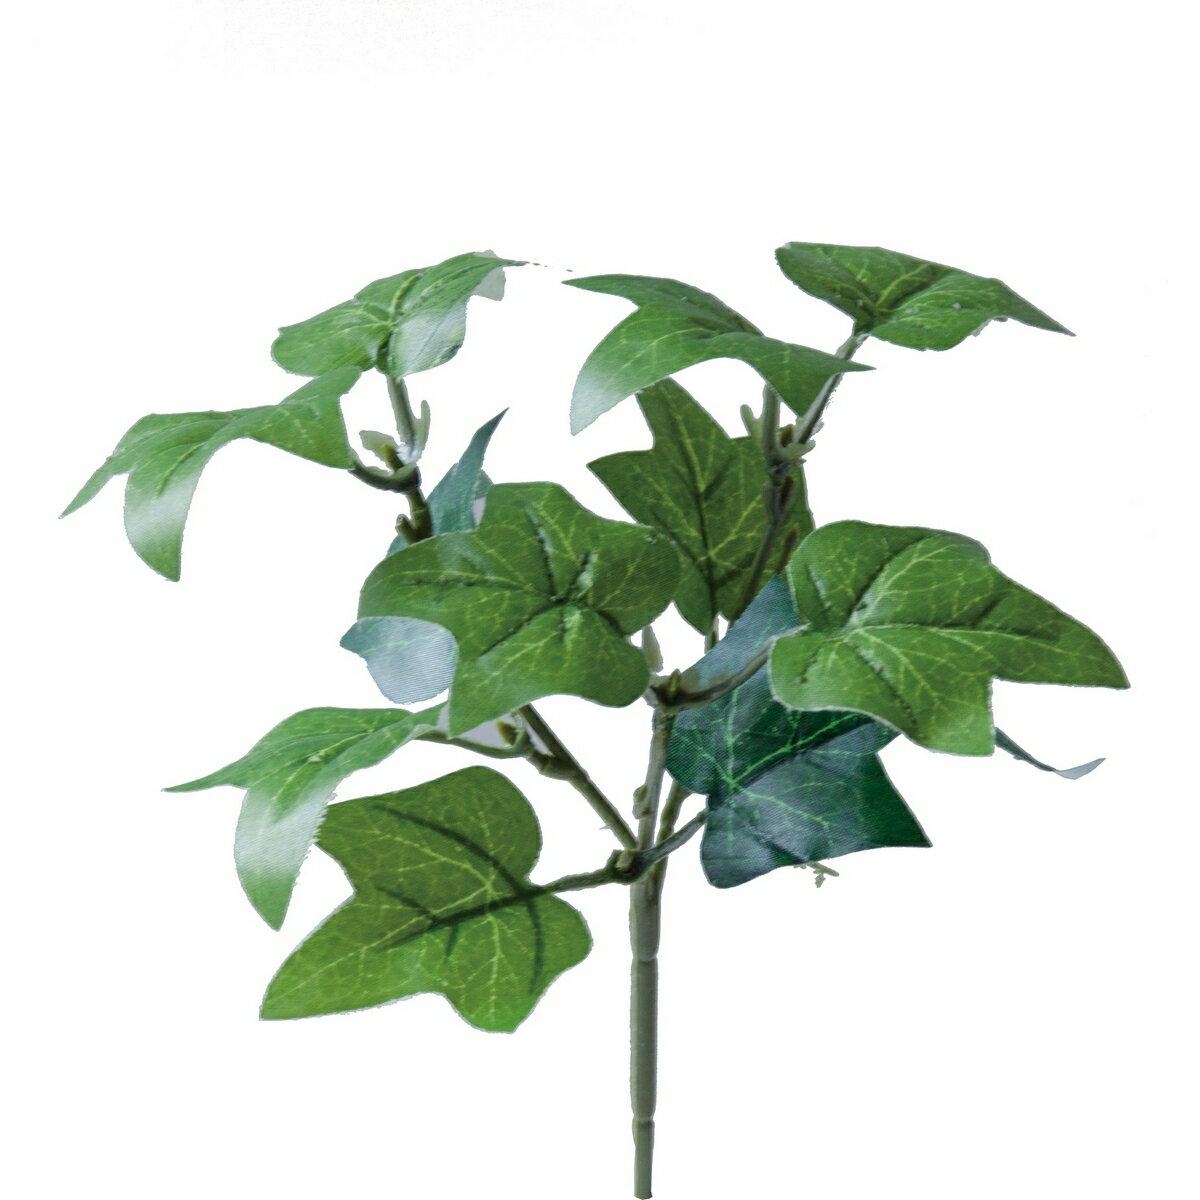 【造花】YDM/ミニアイビーブッシュ グリーン/FG4748-GR【01】【01】【取寄】《 造花(アーティフィシャルフラワー) 造花葉物、フェイクグリーン アイビー 》